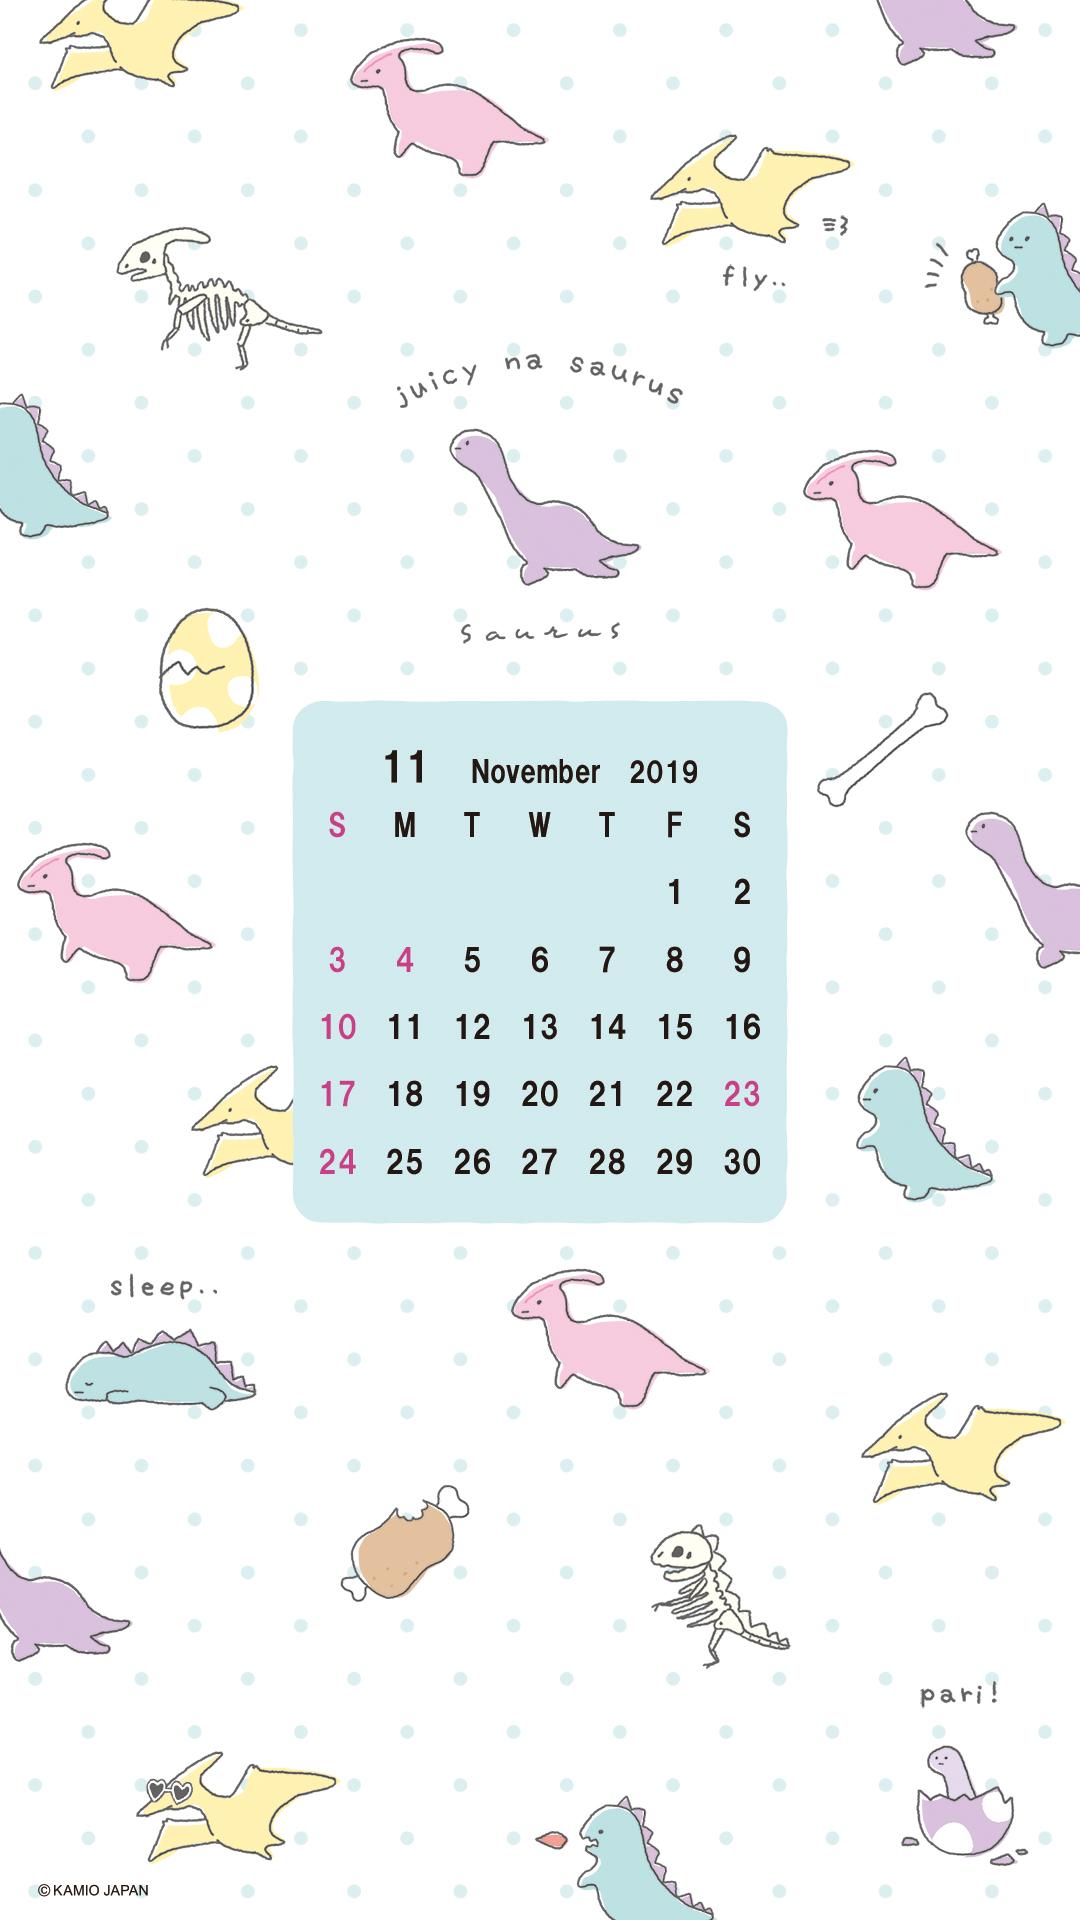 11月壁紙カレンダー配布 ニュース 株式会社カミオジャパン ファンシーグッズの企画 デザイン 製造 販売